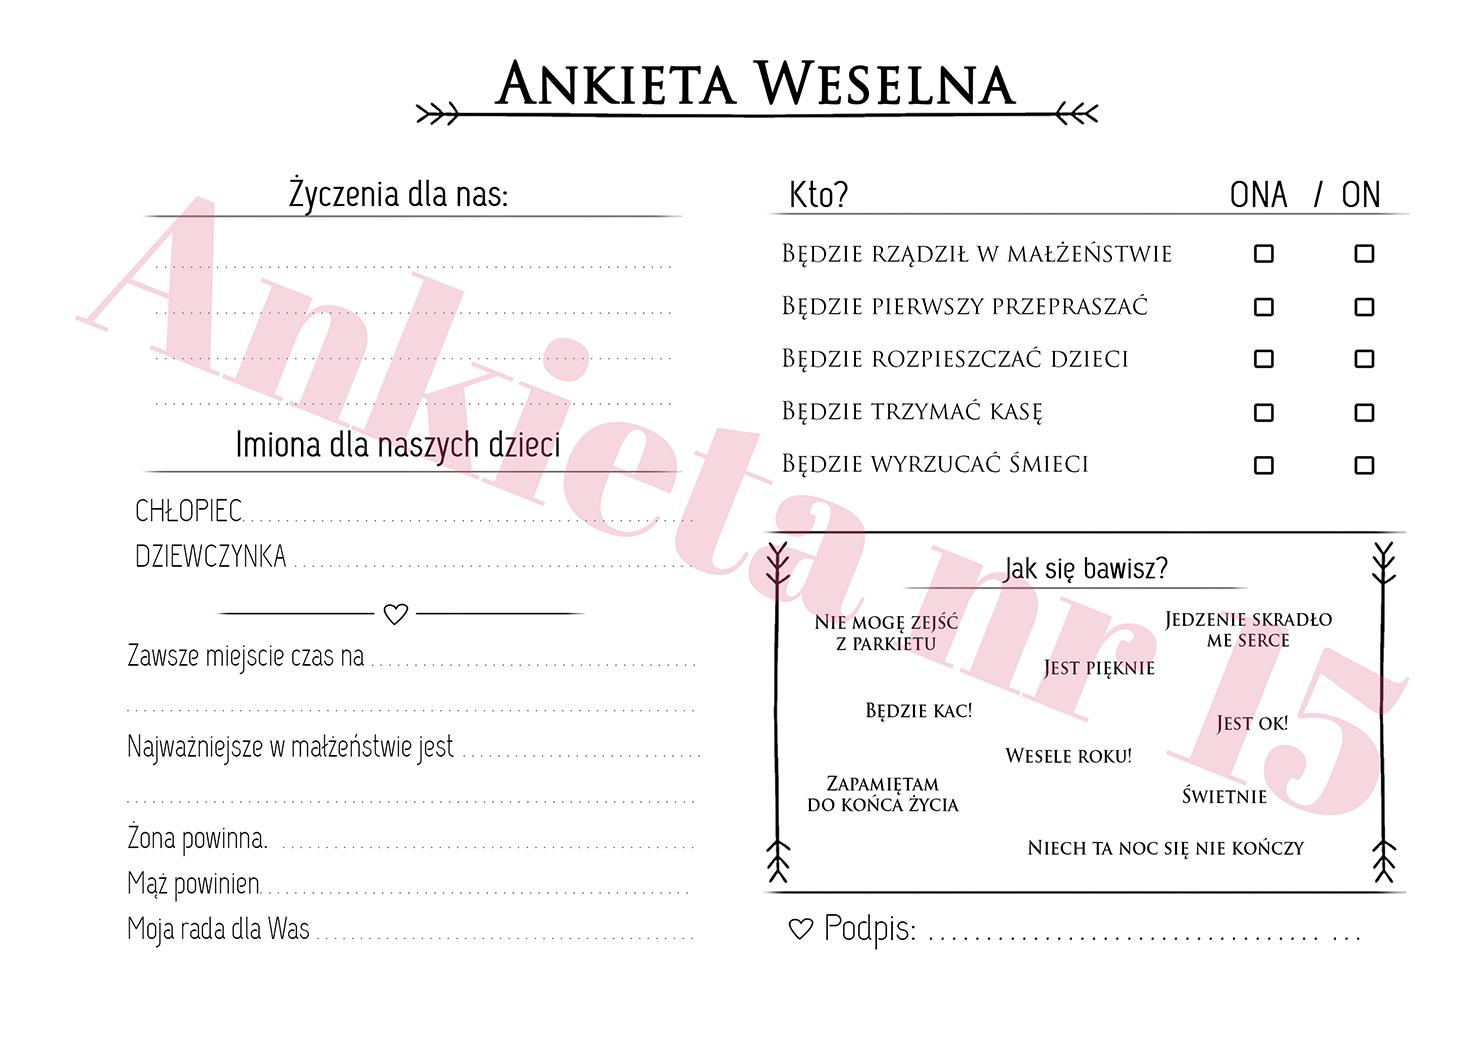 Ankieta weselna na ślub i wesele